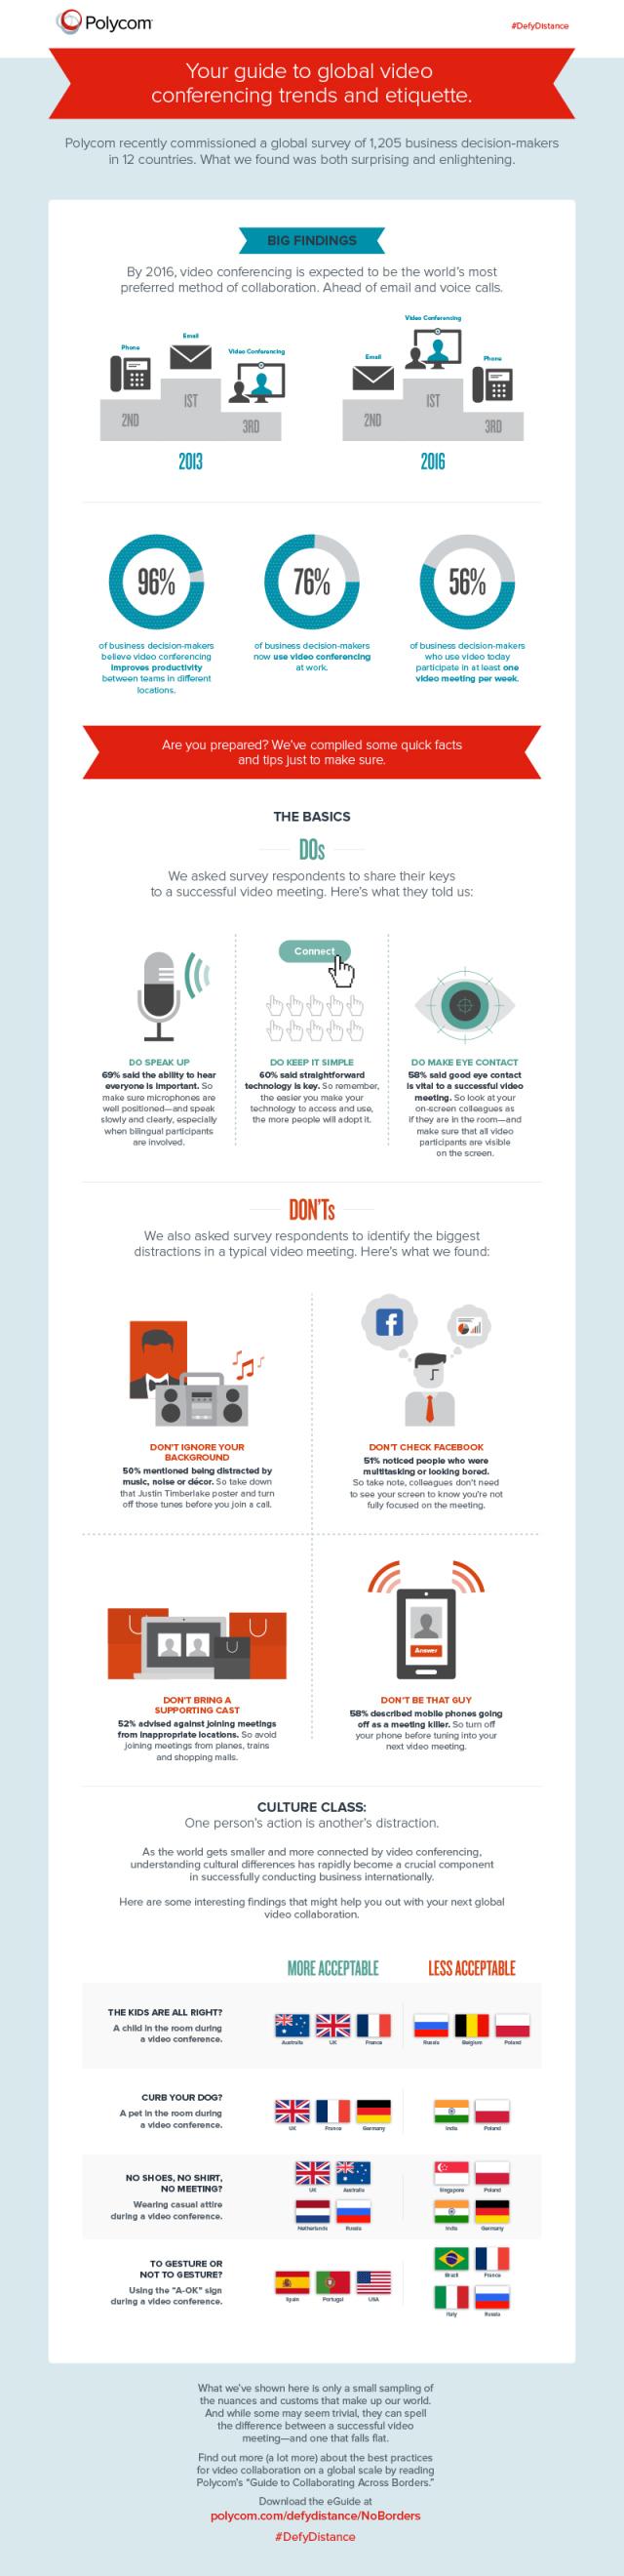 infografia_guia_de_buenas_paracticas_para_videoconferencias